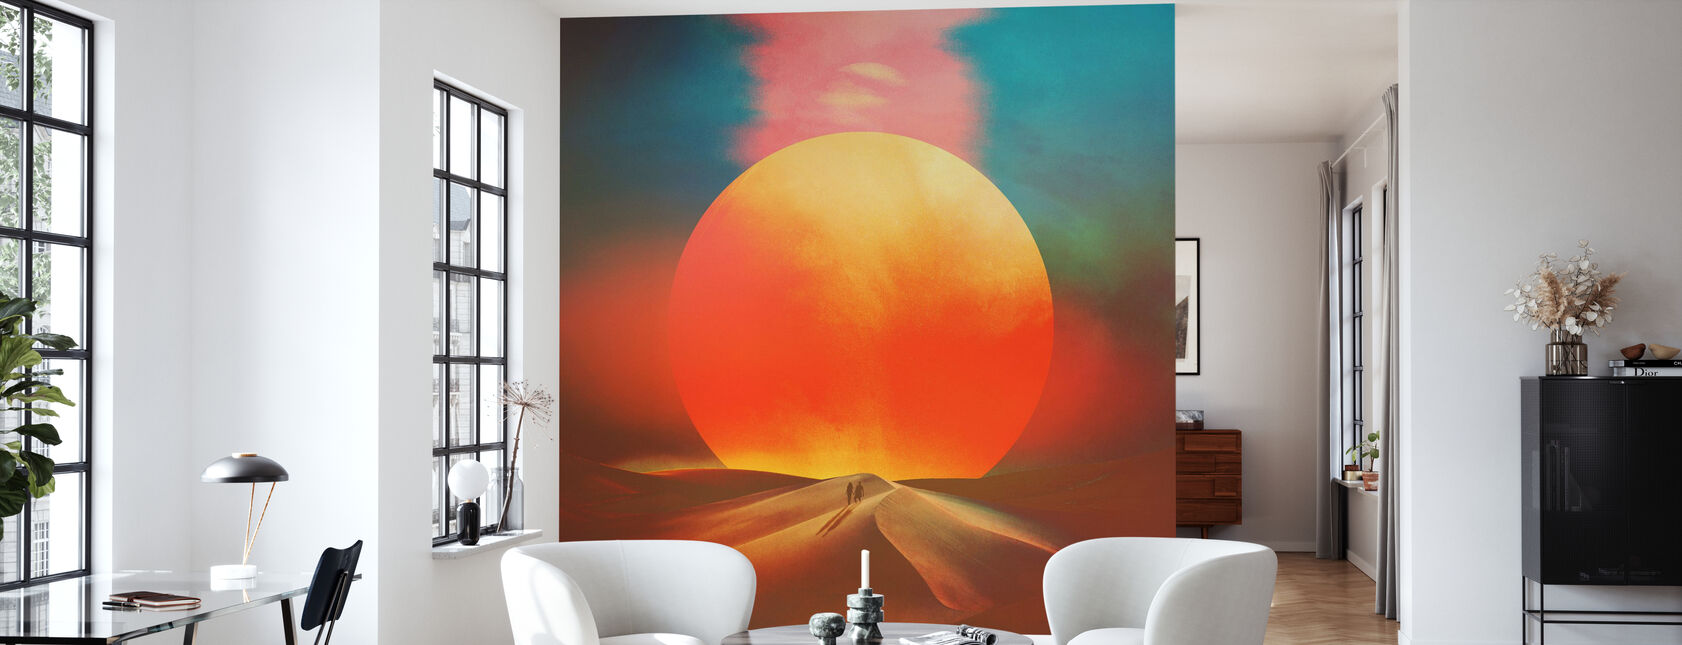 Auringon asettaminen - Tapetti - Olohuone